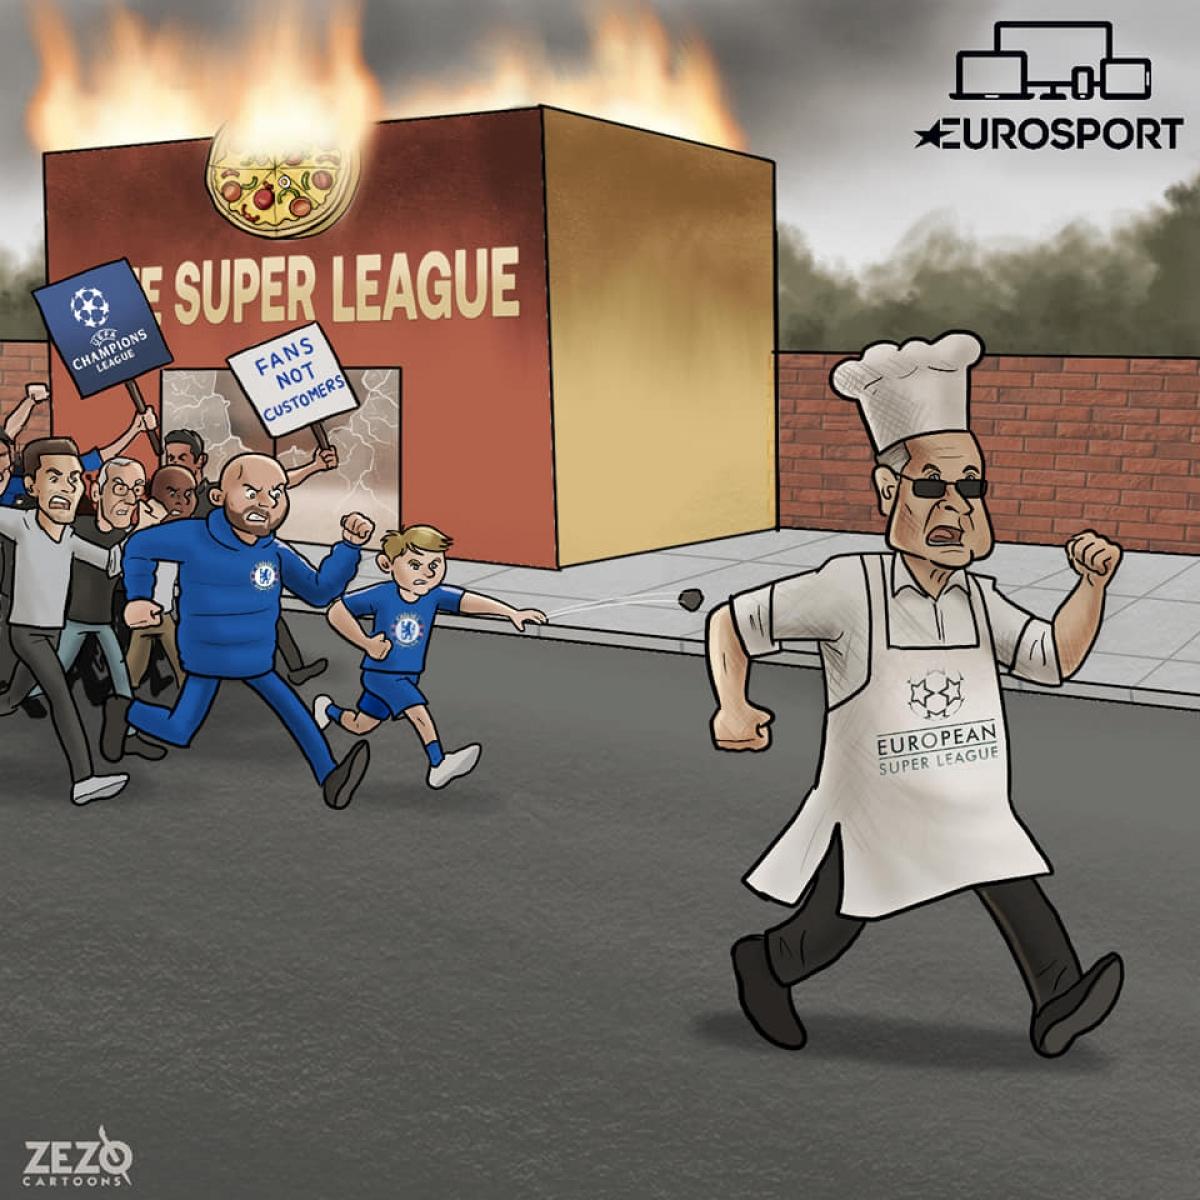 Tuy nhiên, dự án này bị cổ động viên các đội bóng và UEFA phản đối kịch liệt.